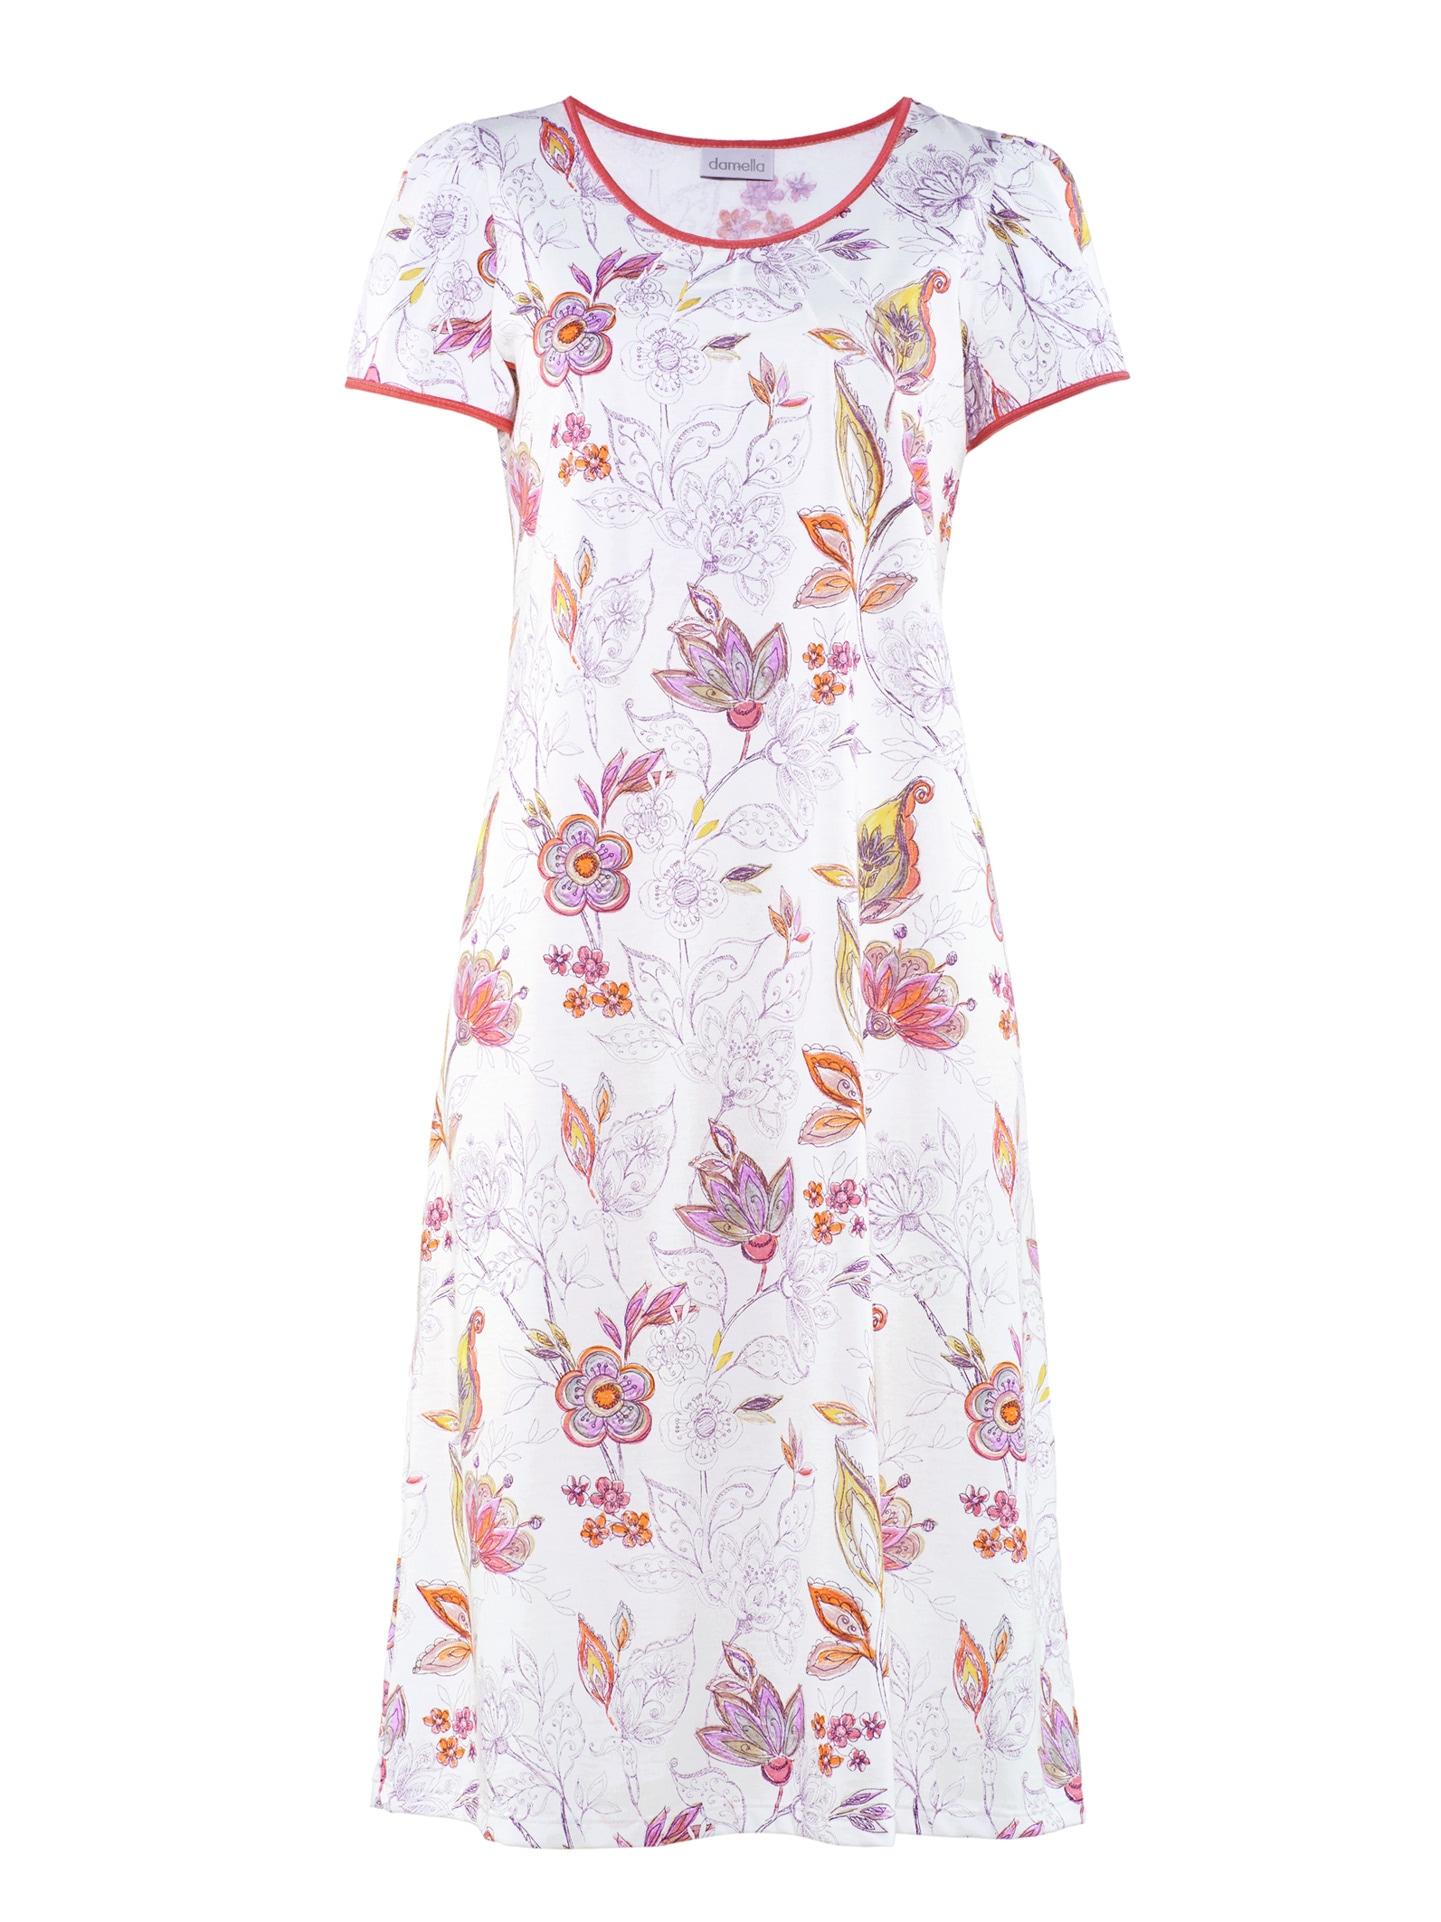 Avena Damen Klima-Nachthemd Baumwolle Weiß 42-6401-5